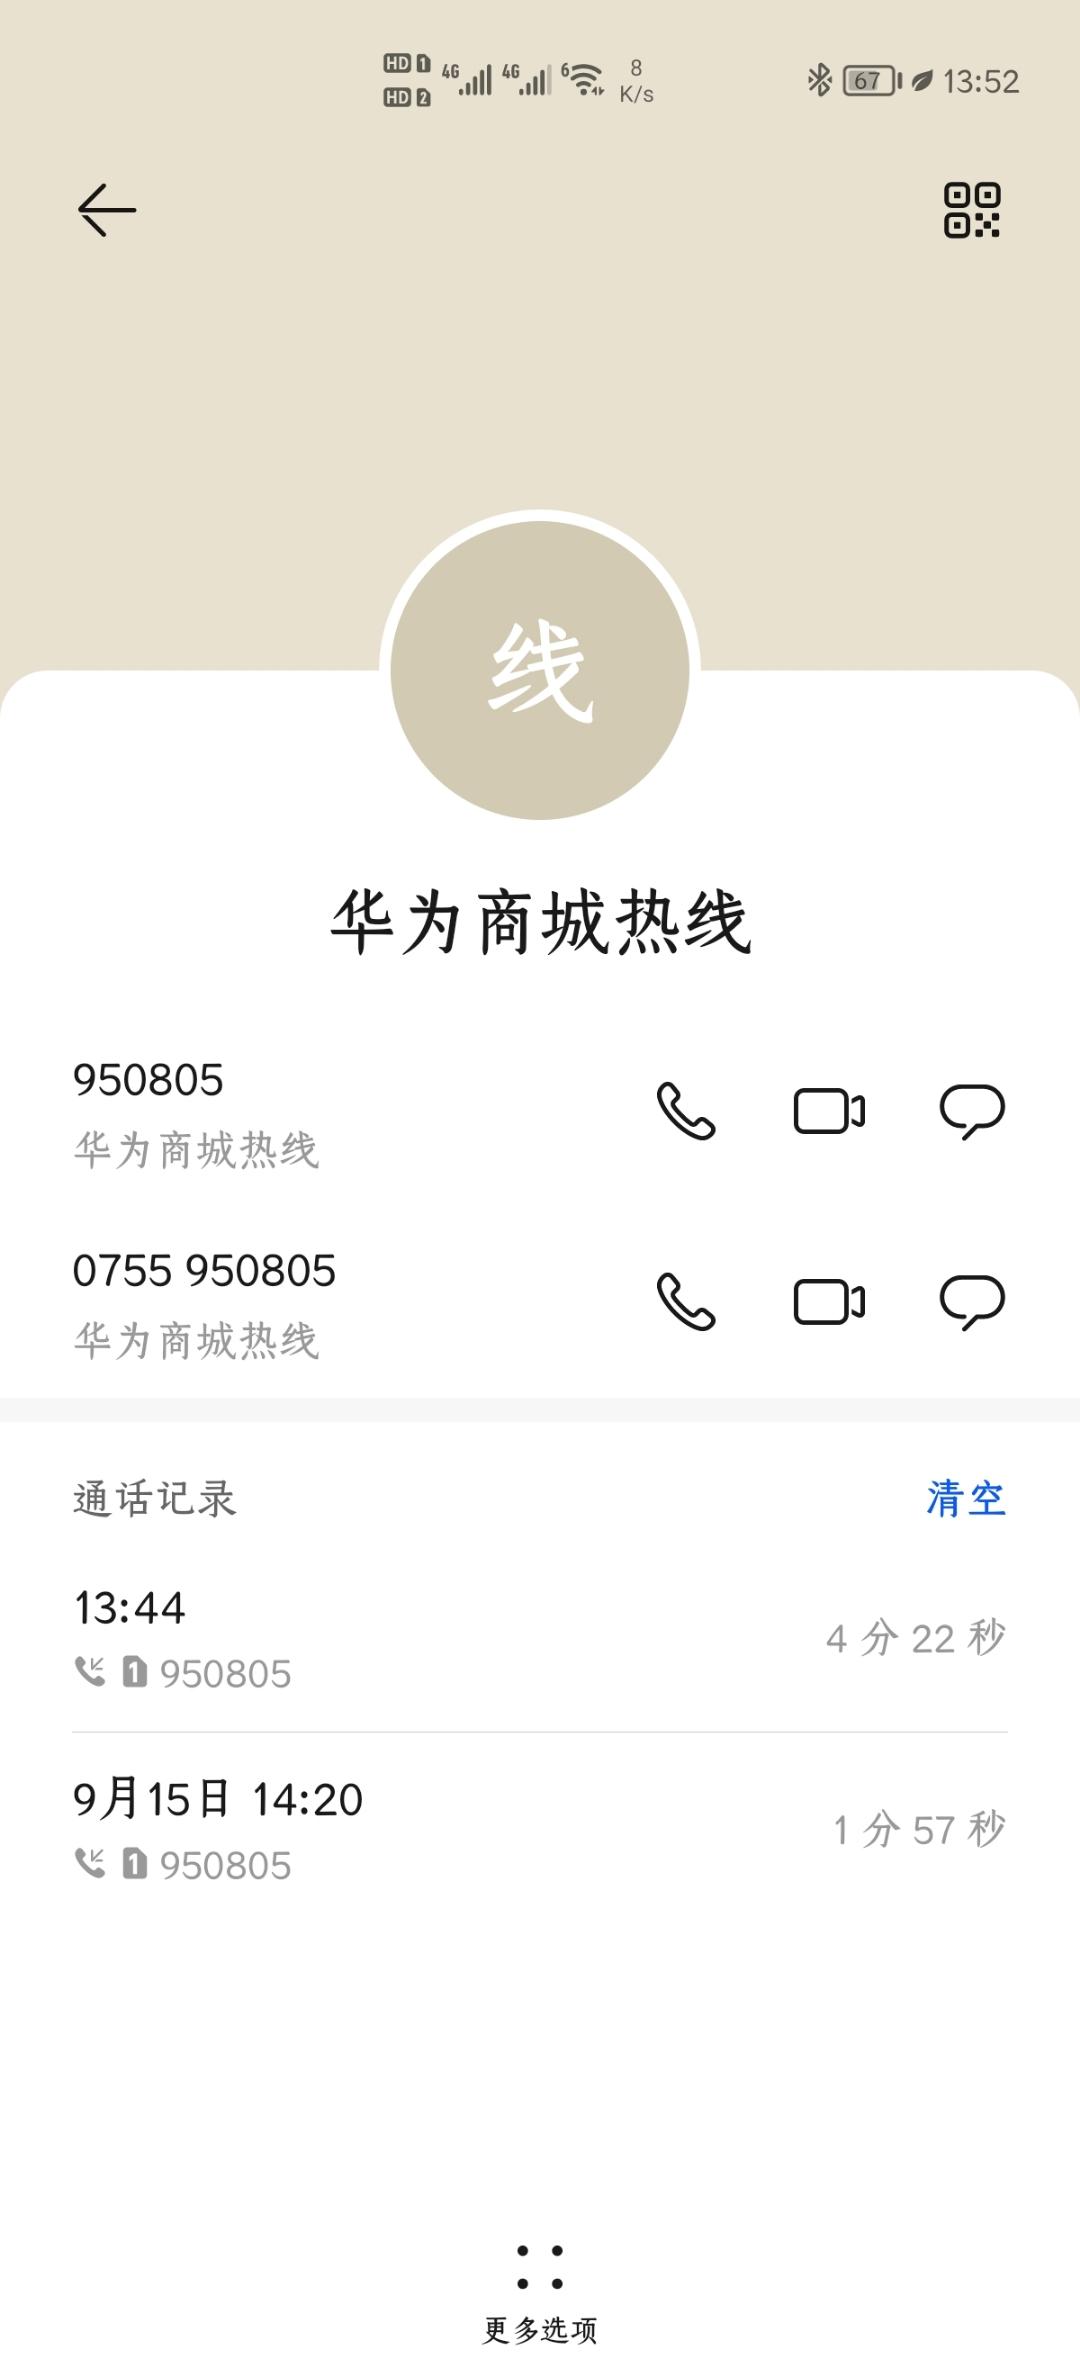 Screenshot_20210917_135258_com.huawei.contacts.jpg